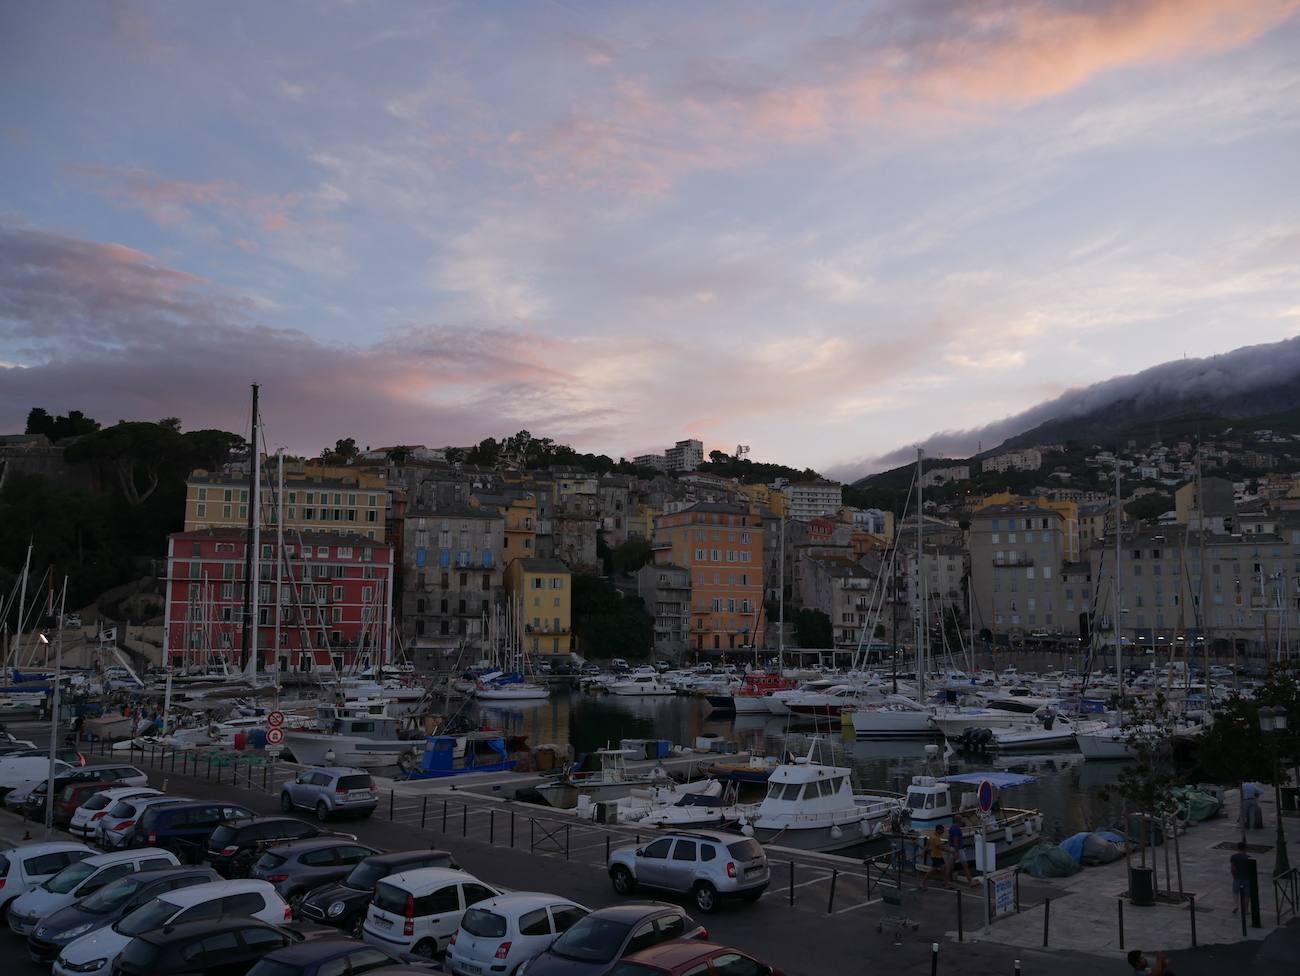 Corse - Road trip bonnes adresses - Blog Voyage nantes 19